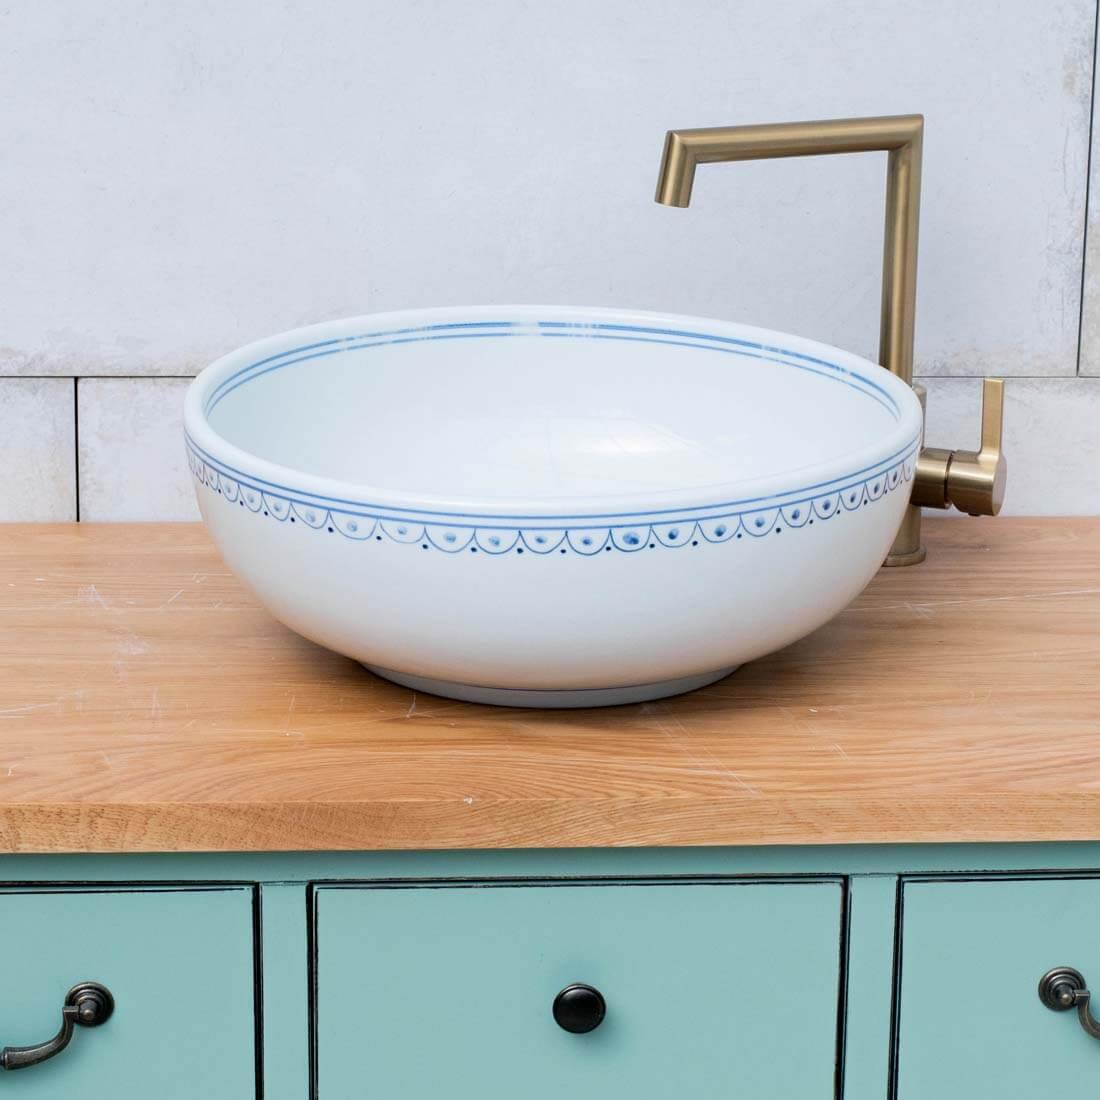 כיור אמבטיה מעוטר פס כחול לבן